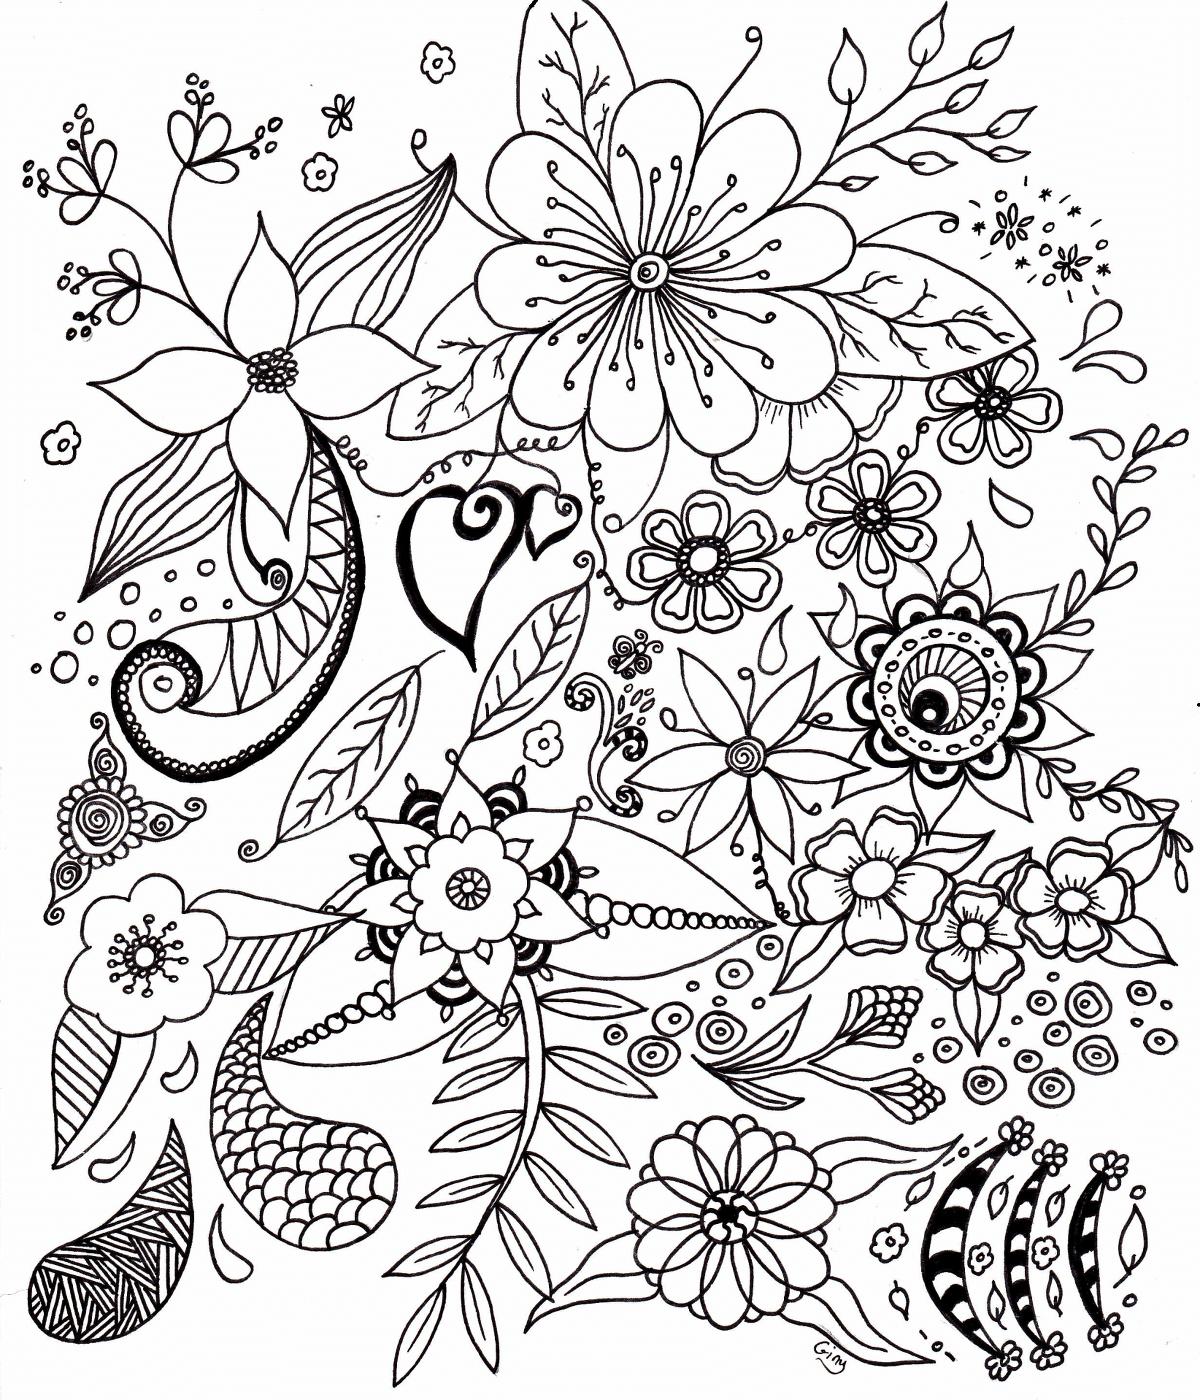 fleurs simples - coloriage pour adultes. D'autres coloriages disponibles sur www.coloriage ...